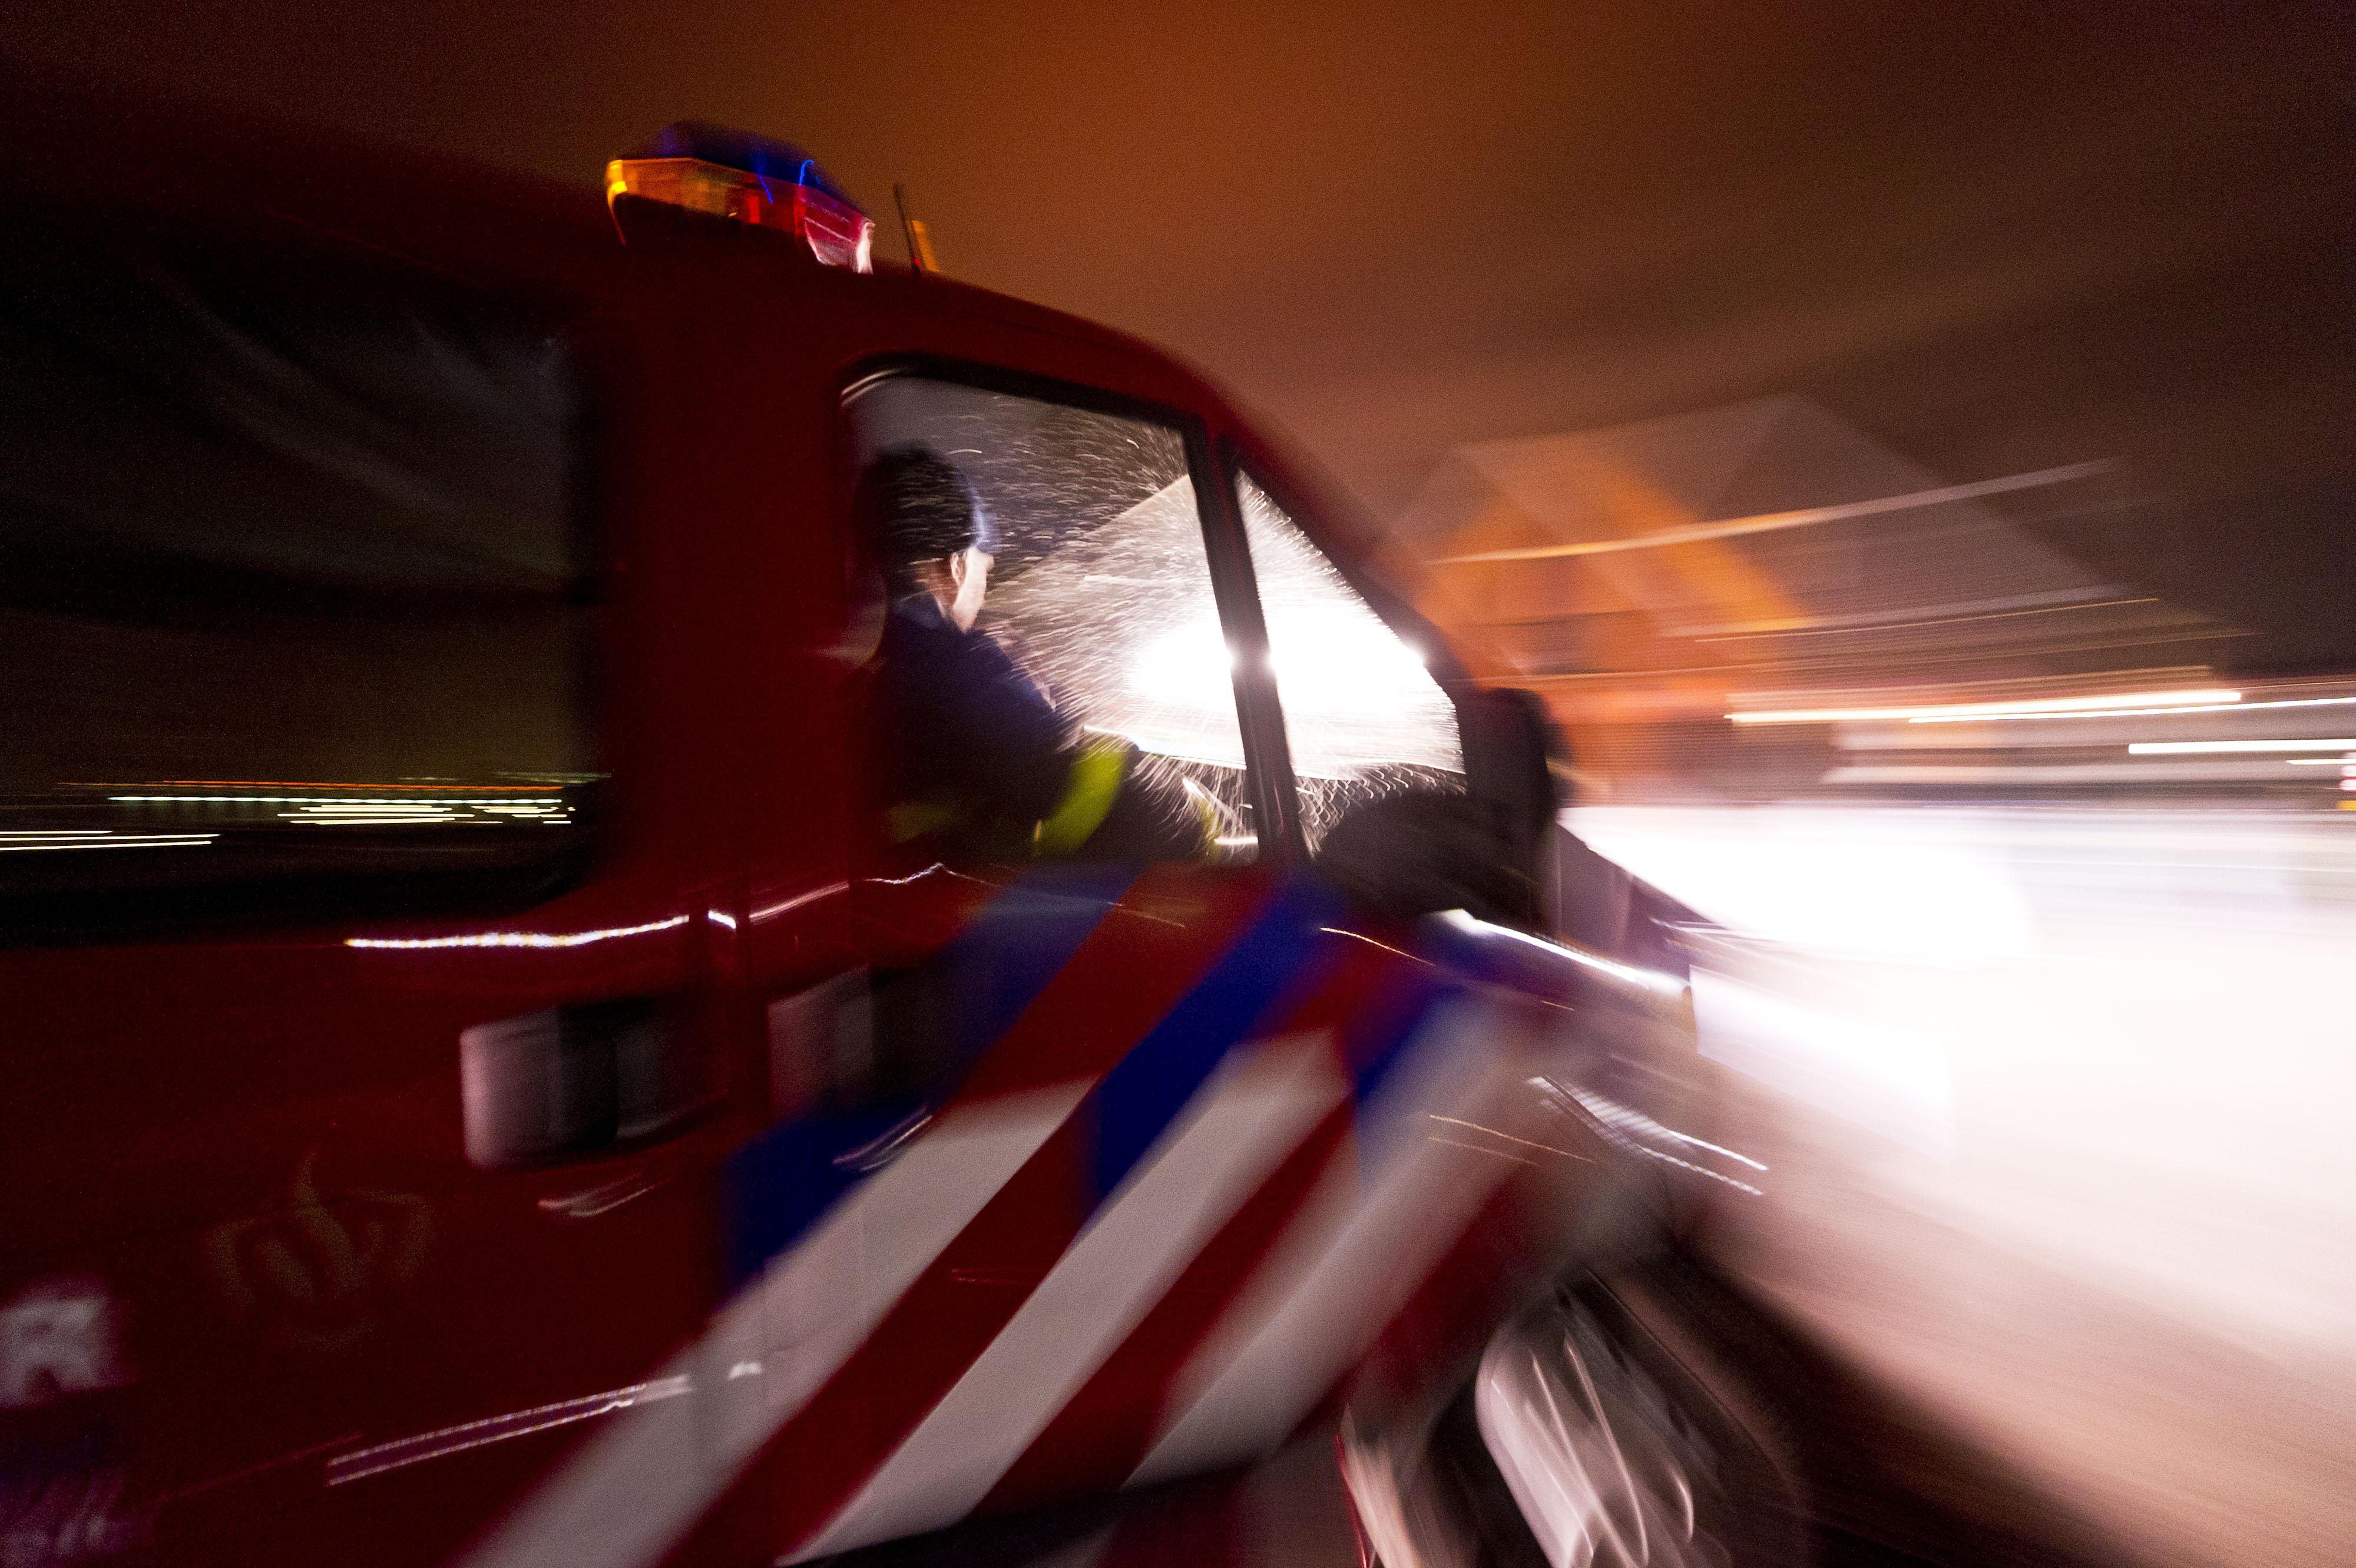 Bliksem slaat in bij zeiljacht Buyshaven Enkhuizen [video]